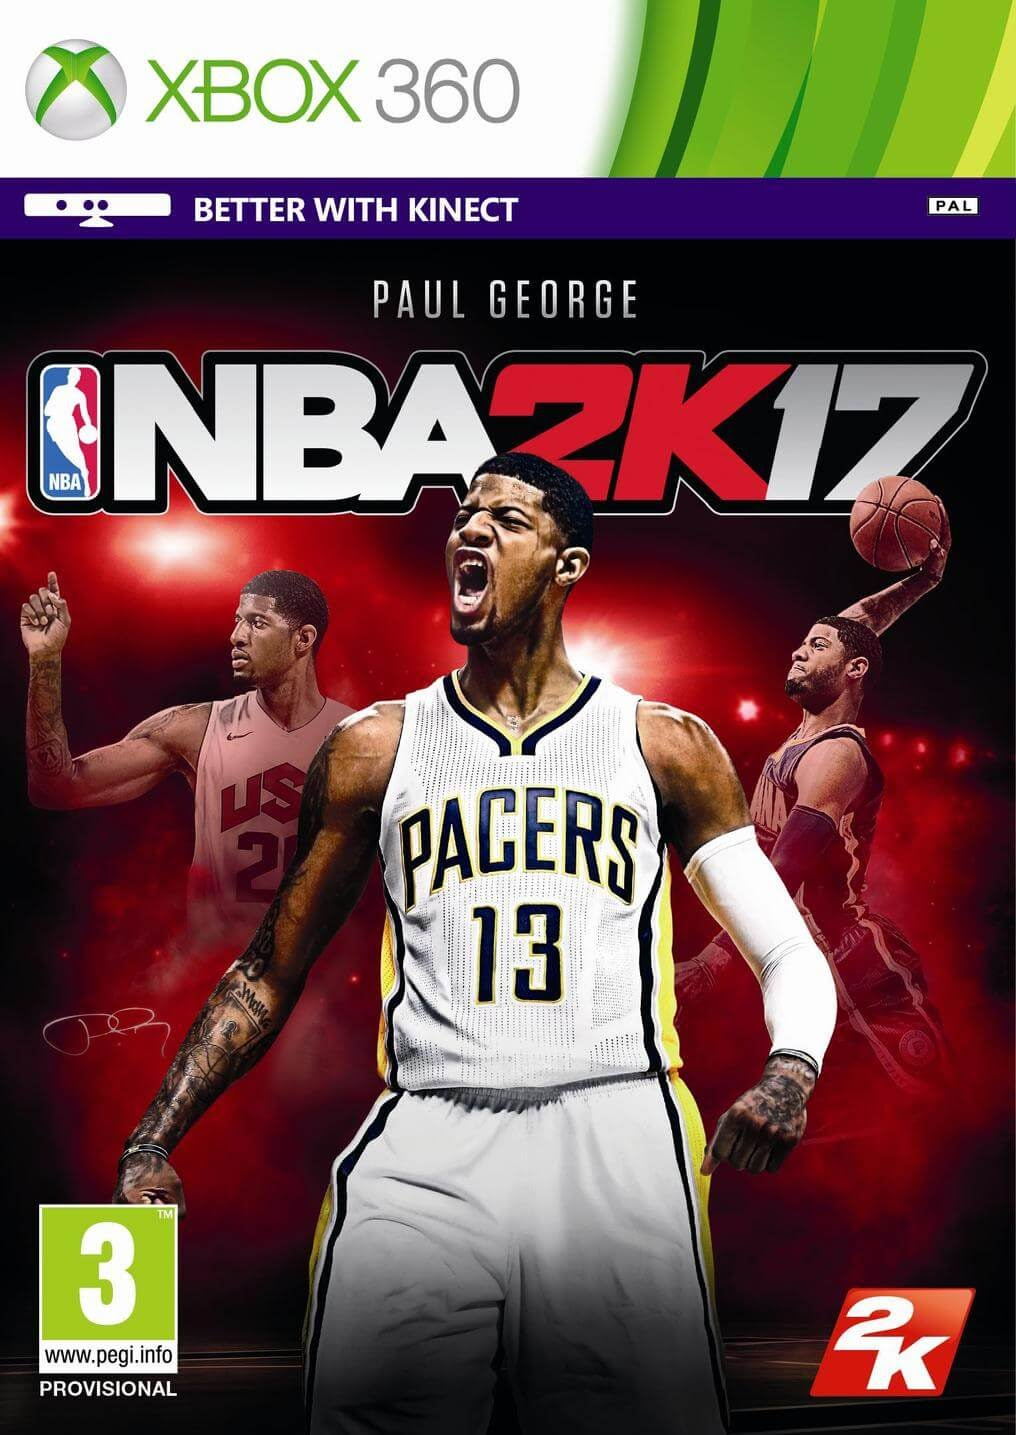 NBA 2K17 ESPAÑOL XBOX 360 Descargar